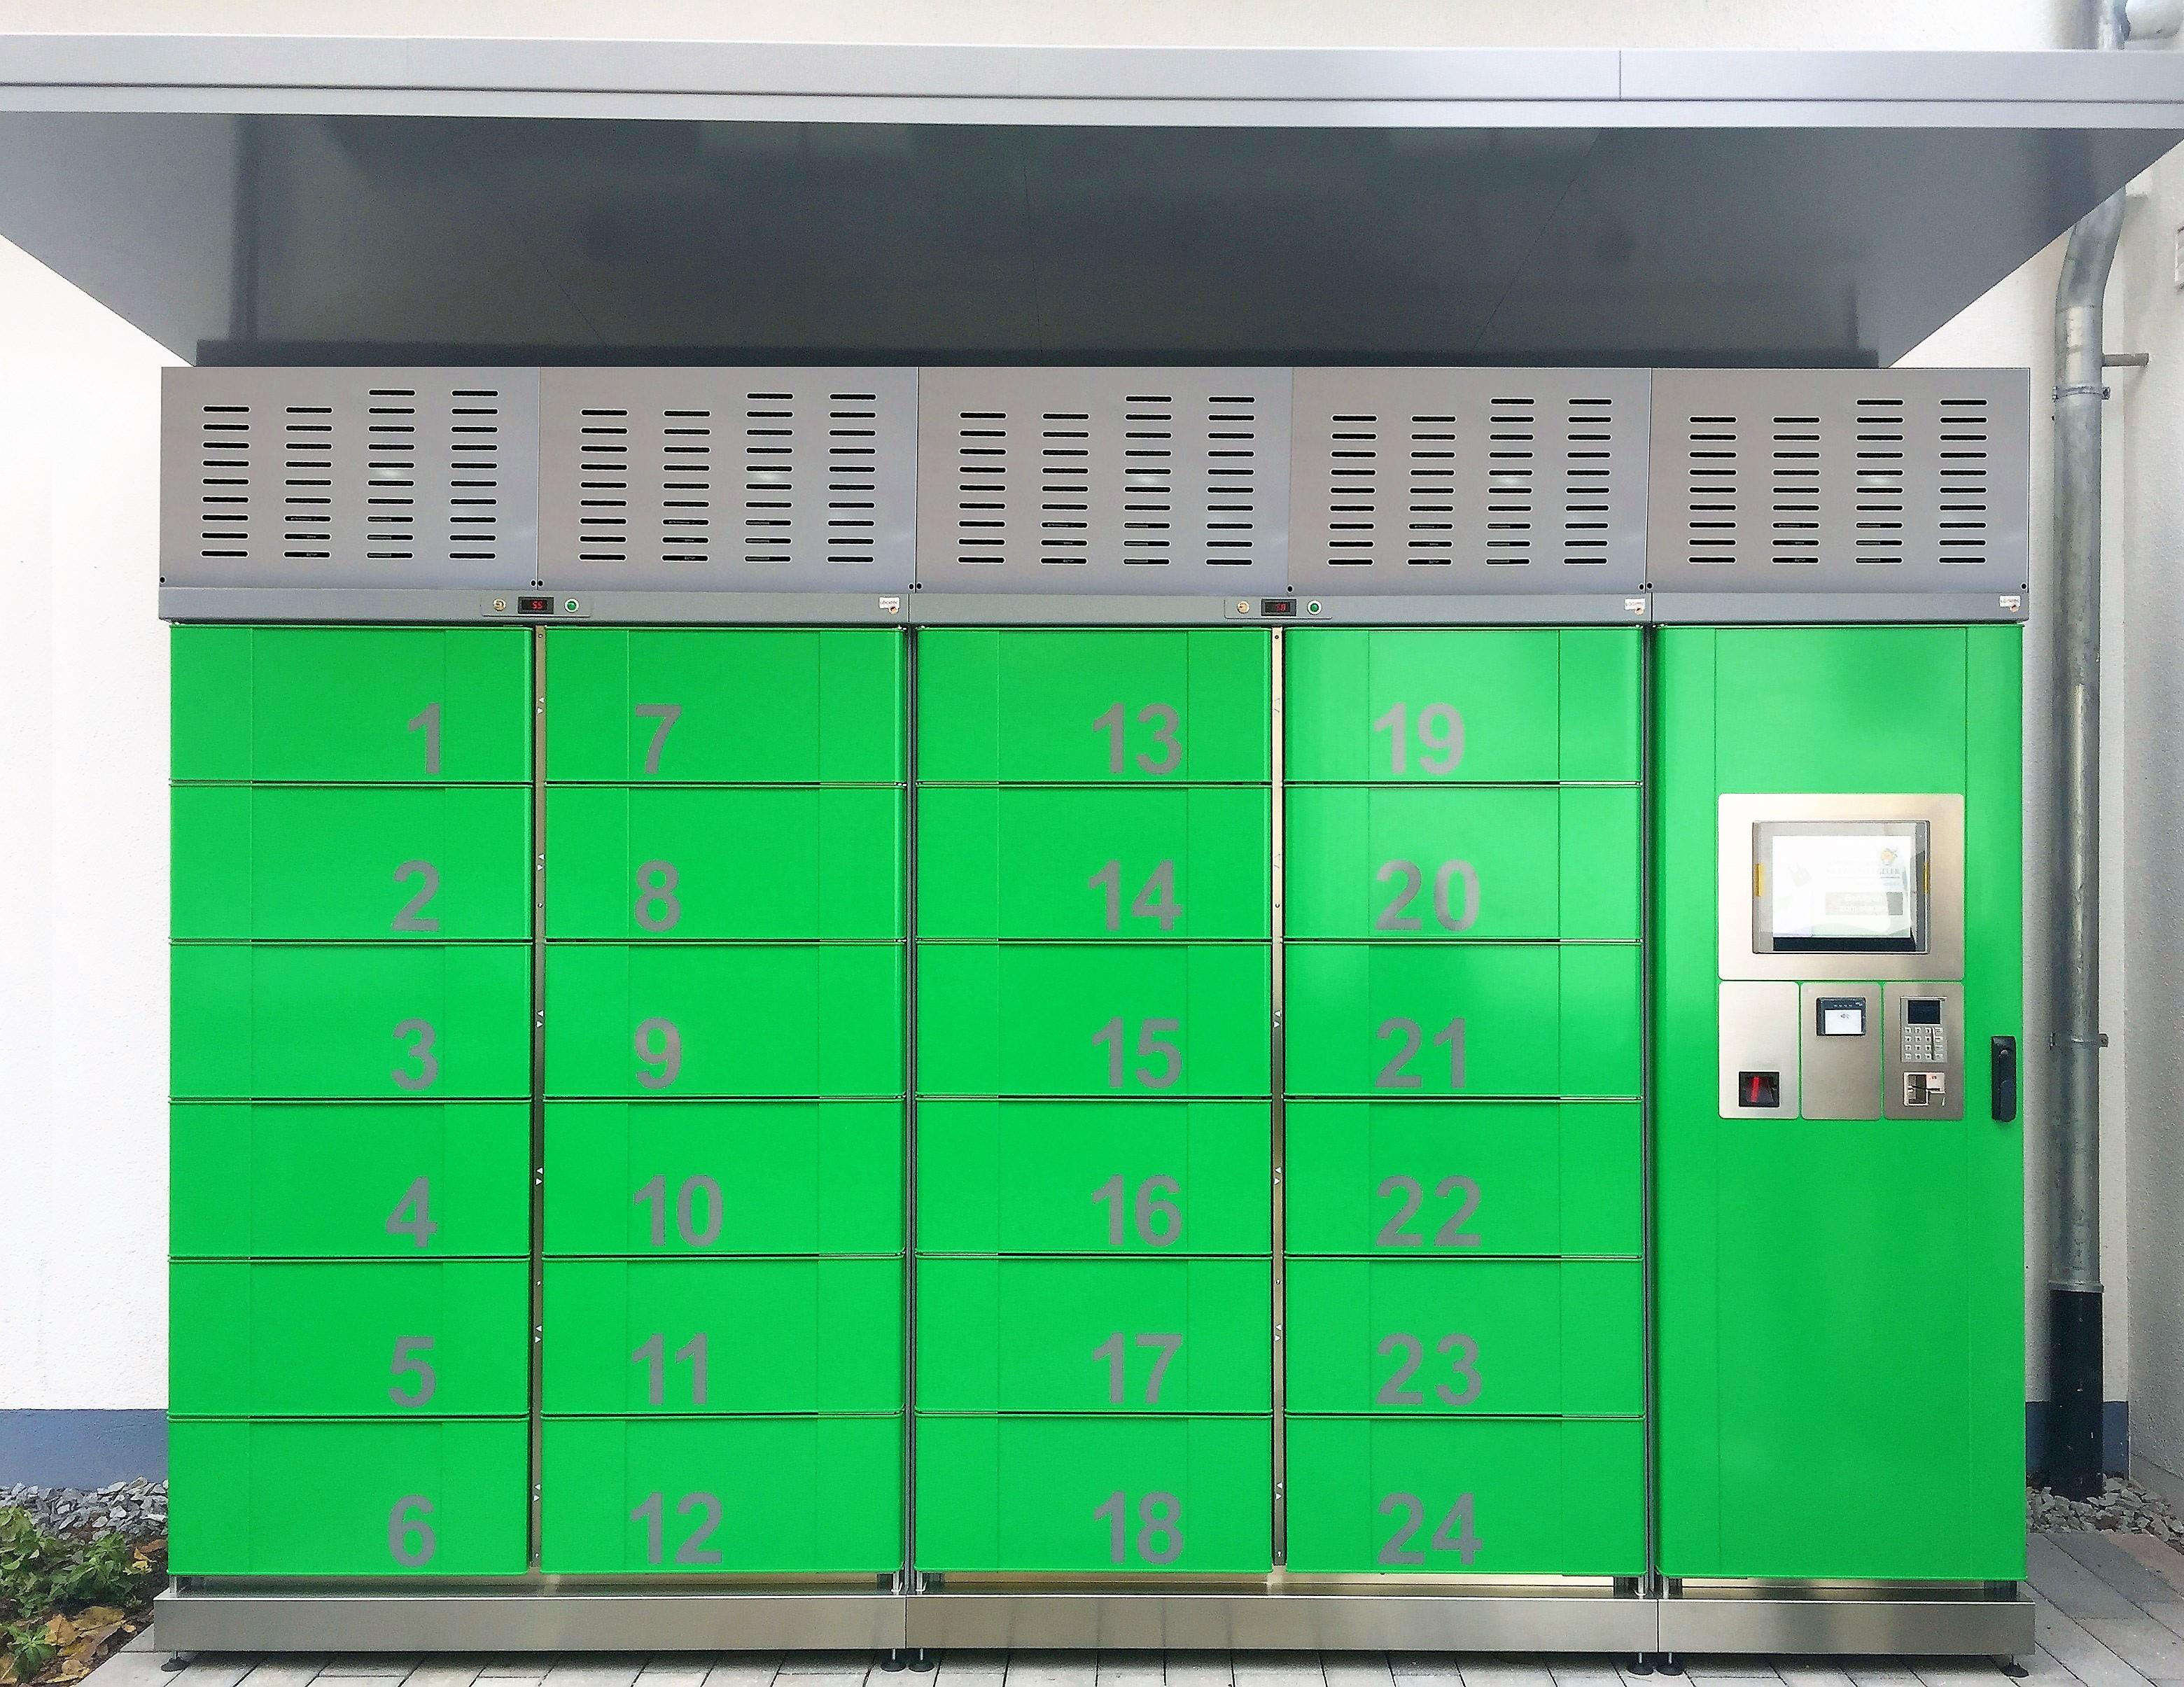 Taquillas refrigeradas – cool lockers. Especialmente popular entre los carniceros: armarios refrigerados que sirven como estación de transferencia para alimentos.